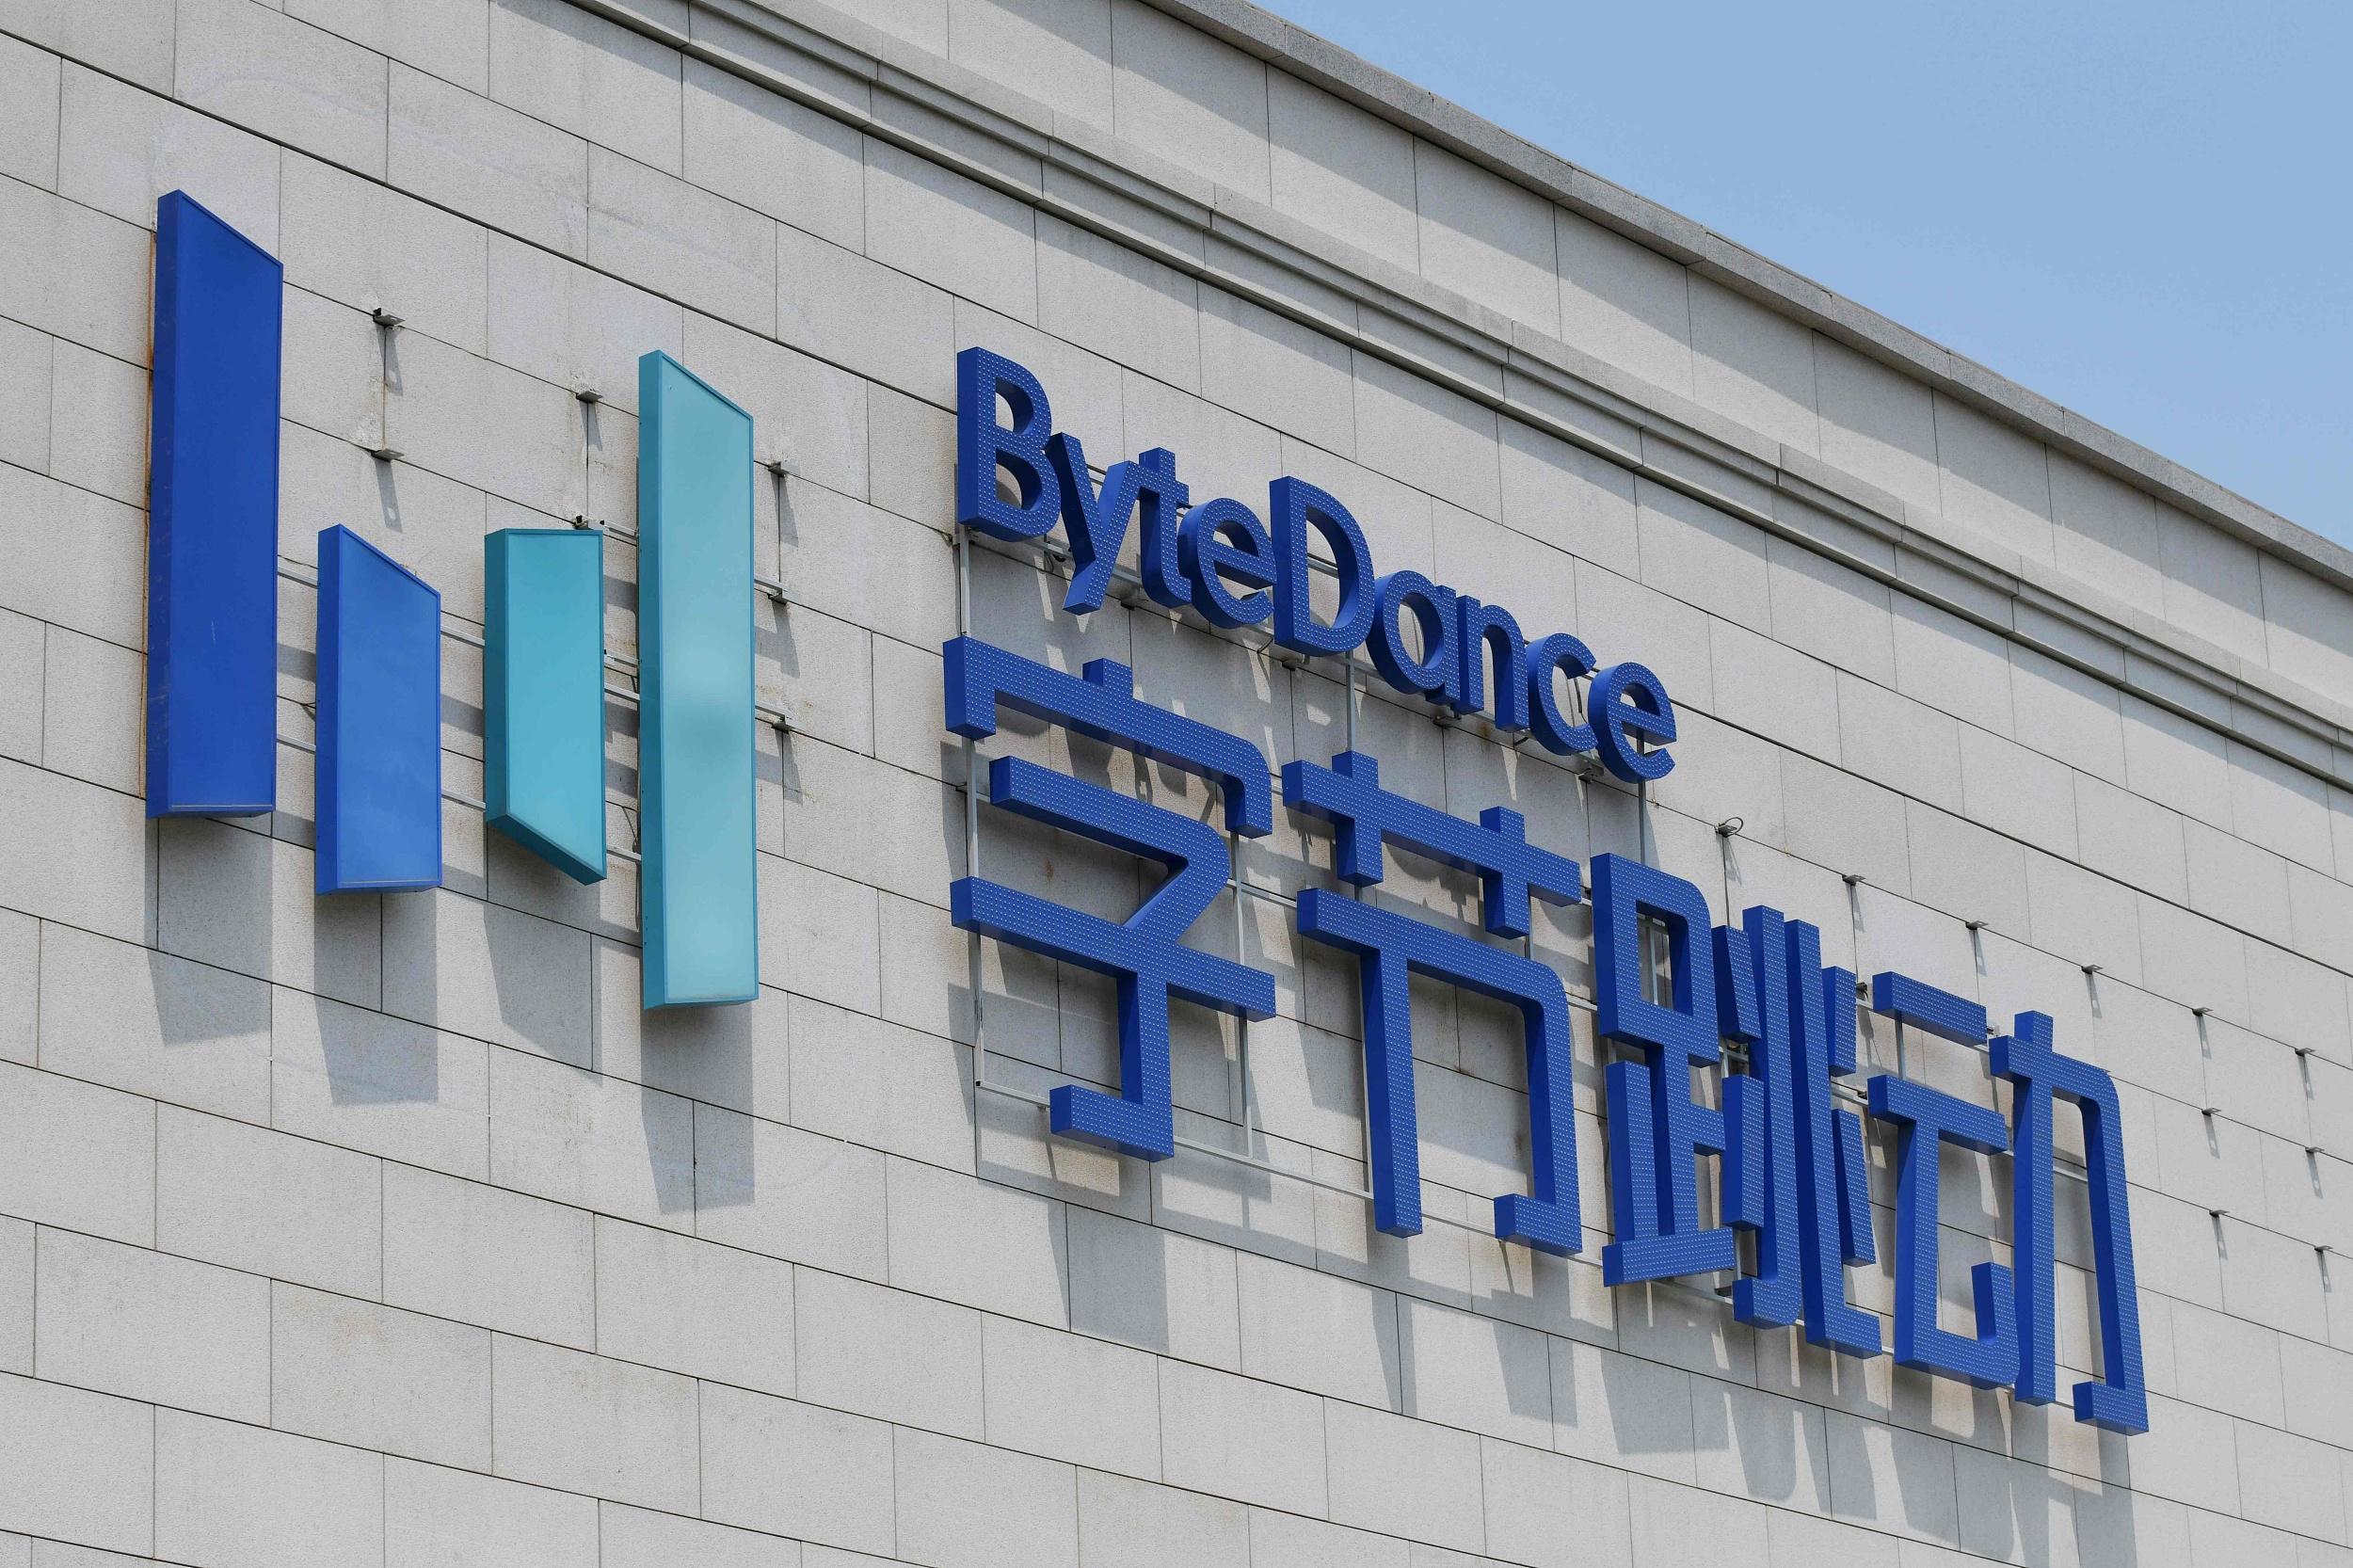 ByteDance đề nghị kéo dài thời hạn chuyển nhượng TikTok tại Mỹ